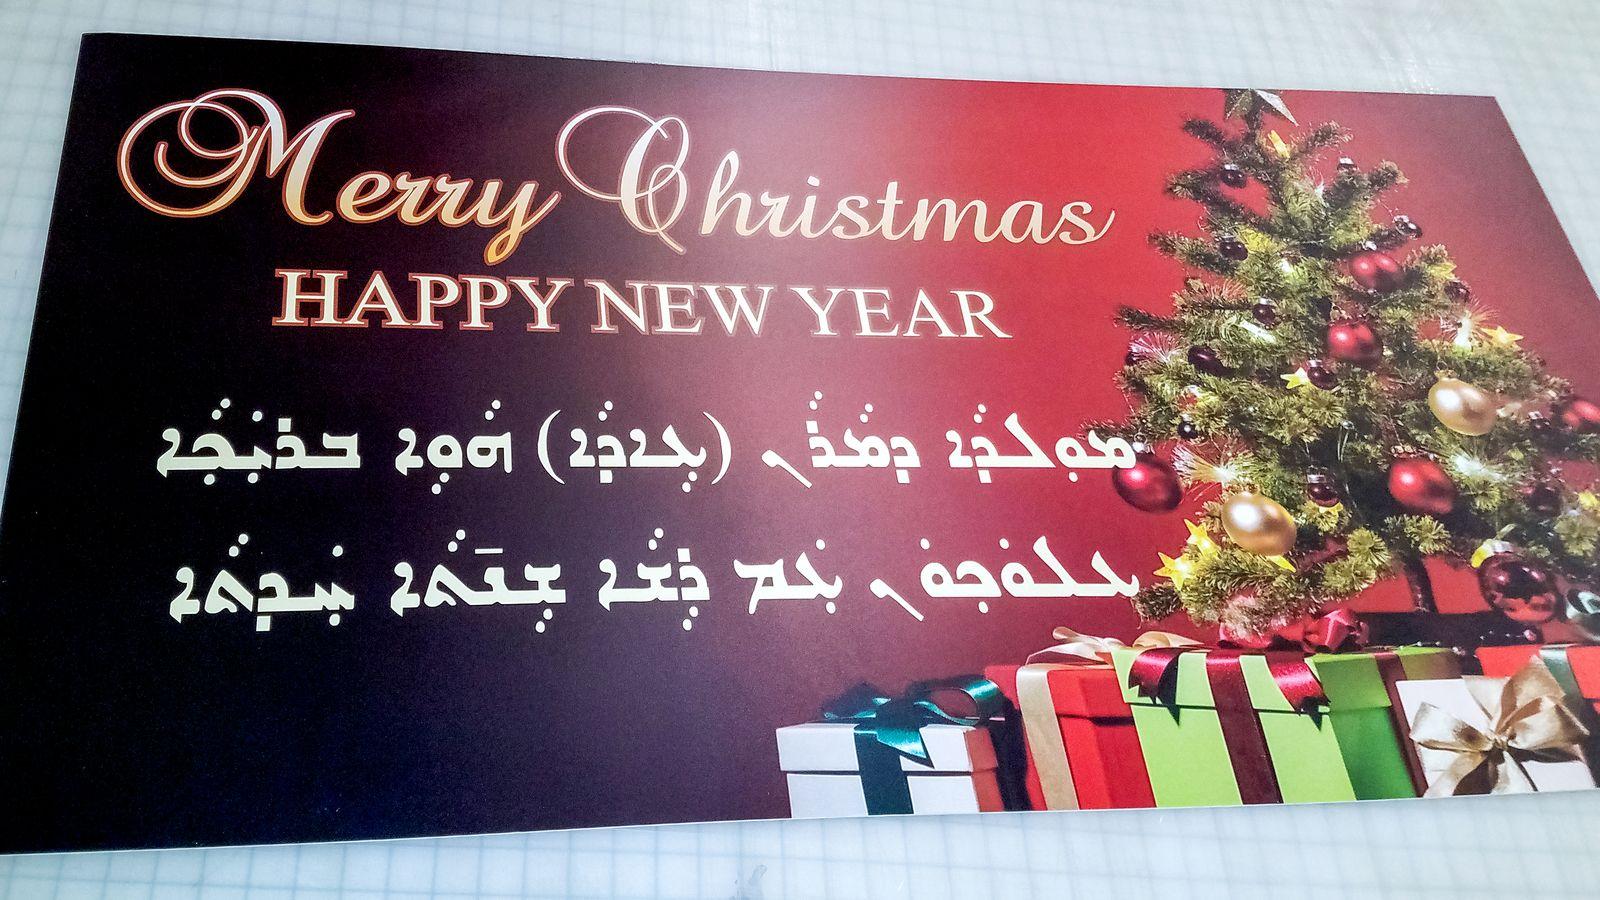 Christmas pvc sign